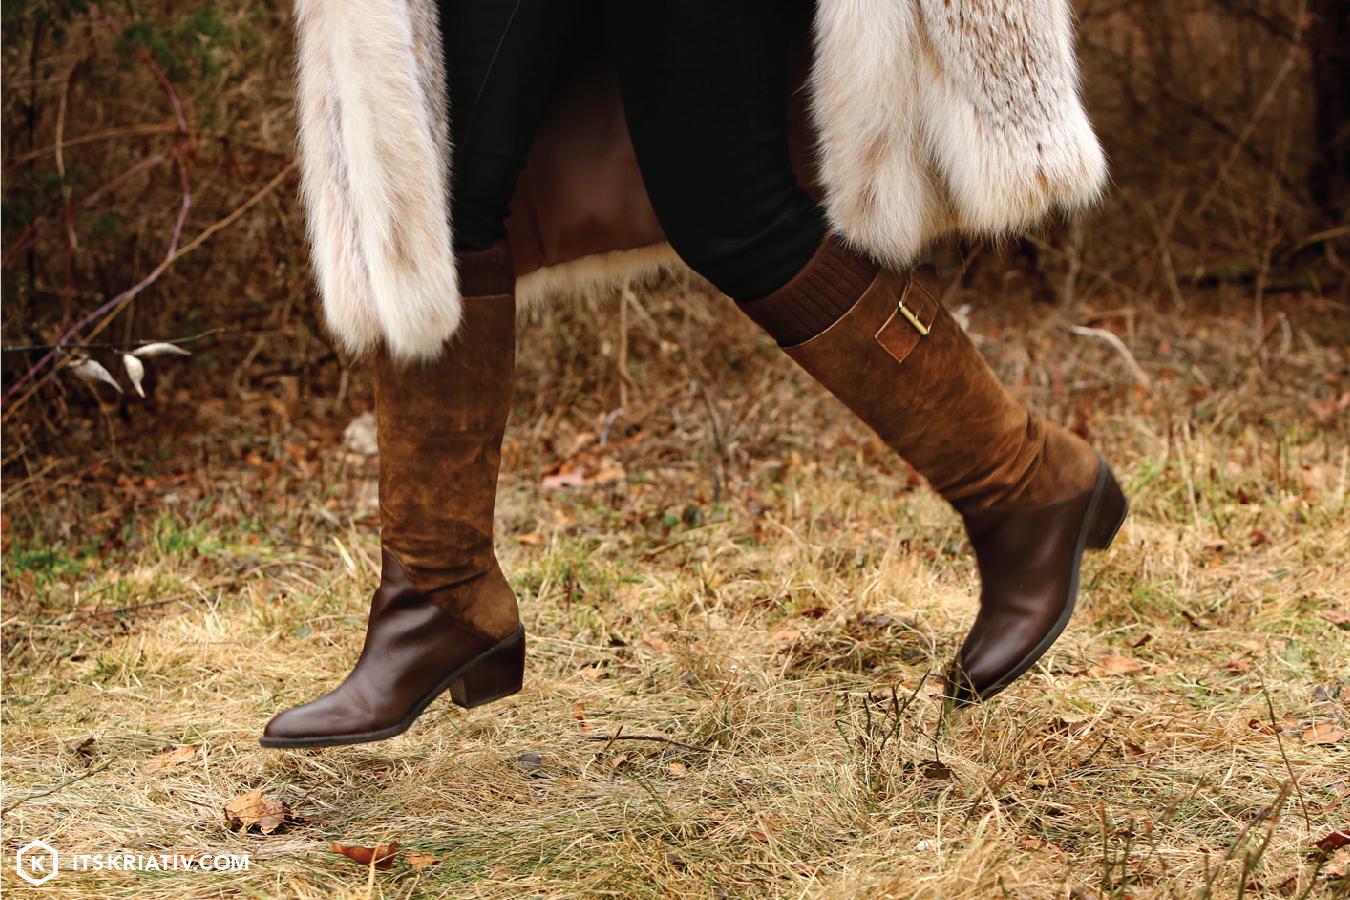 Fashion-Christmas-Tree-Farm-Fur-Boots-Winter.jpg